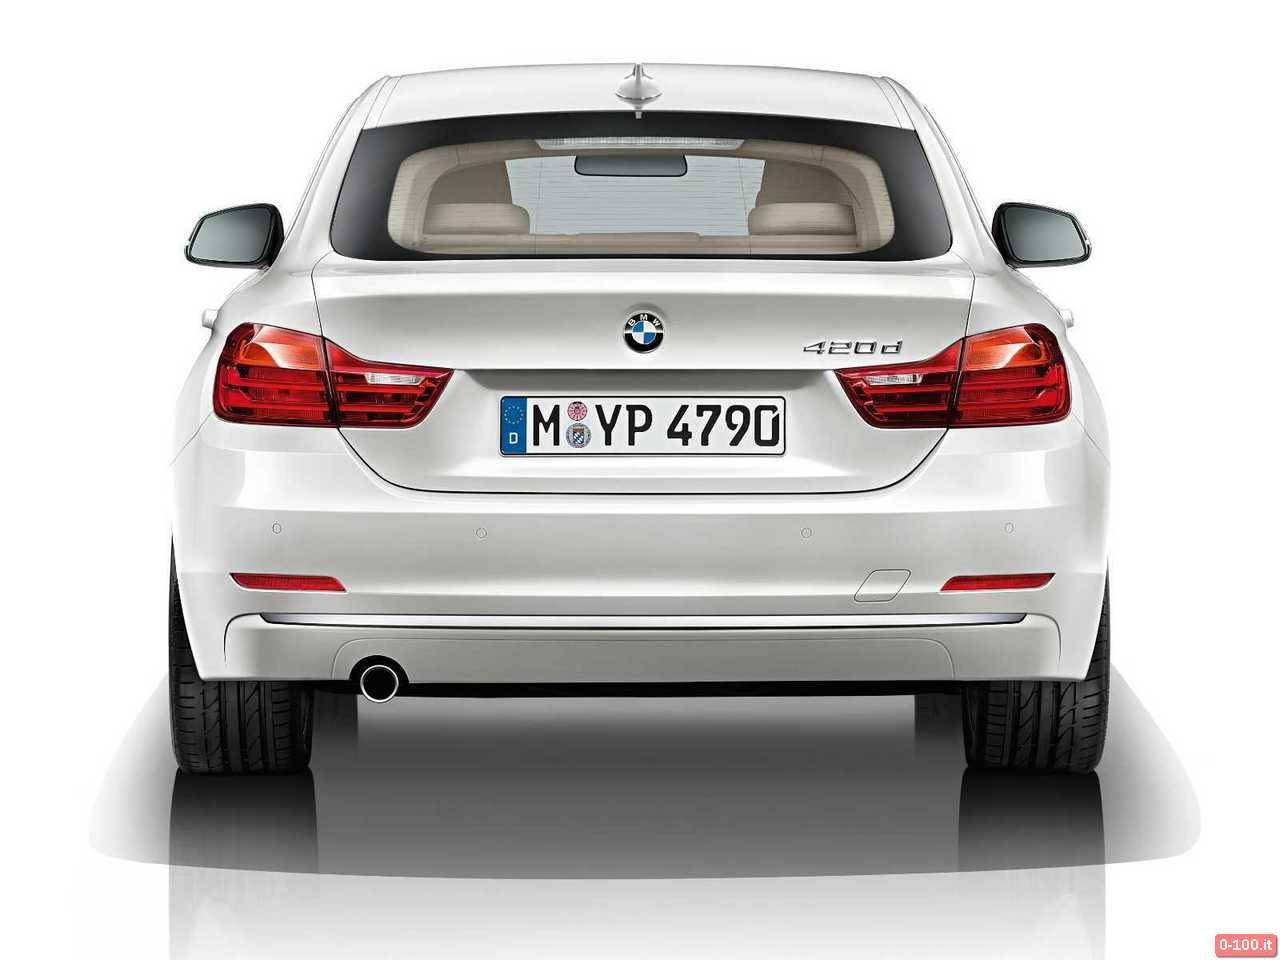 bmw-serie-4-gran-coupe-prezzo-price-ginevra-geneve-2014-0-100_101